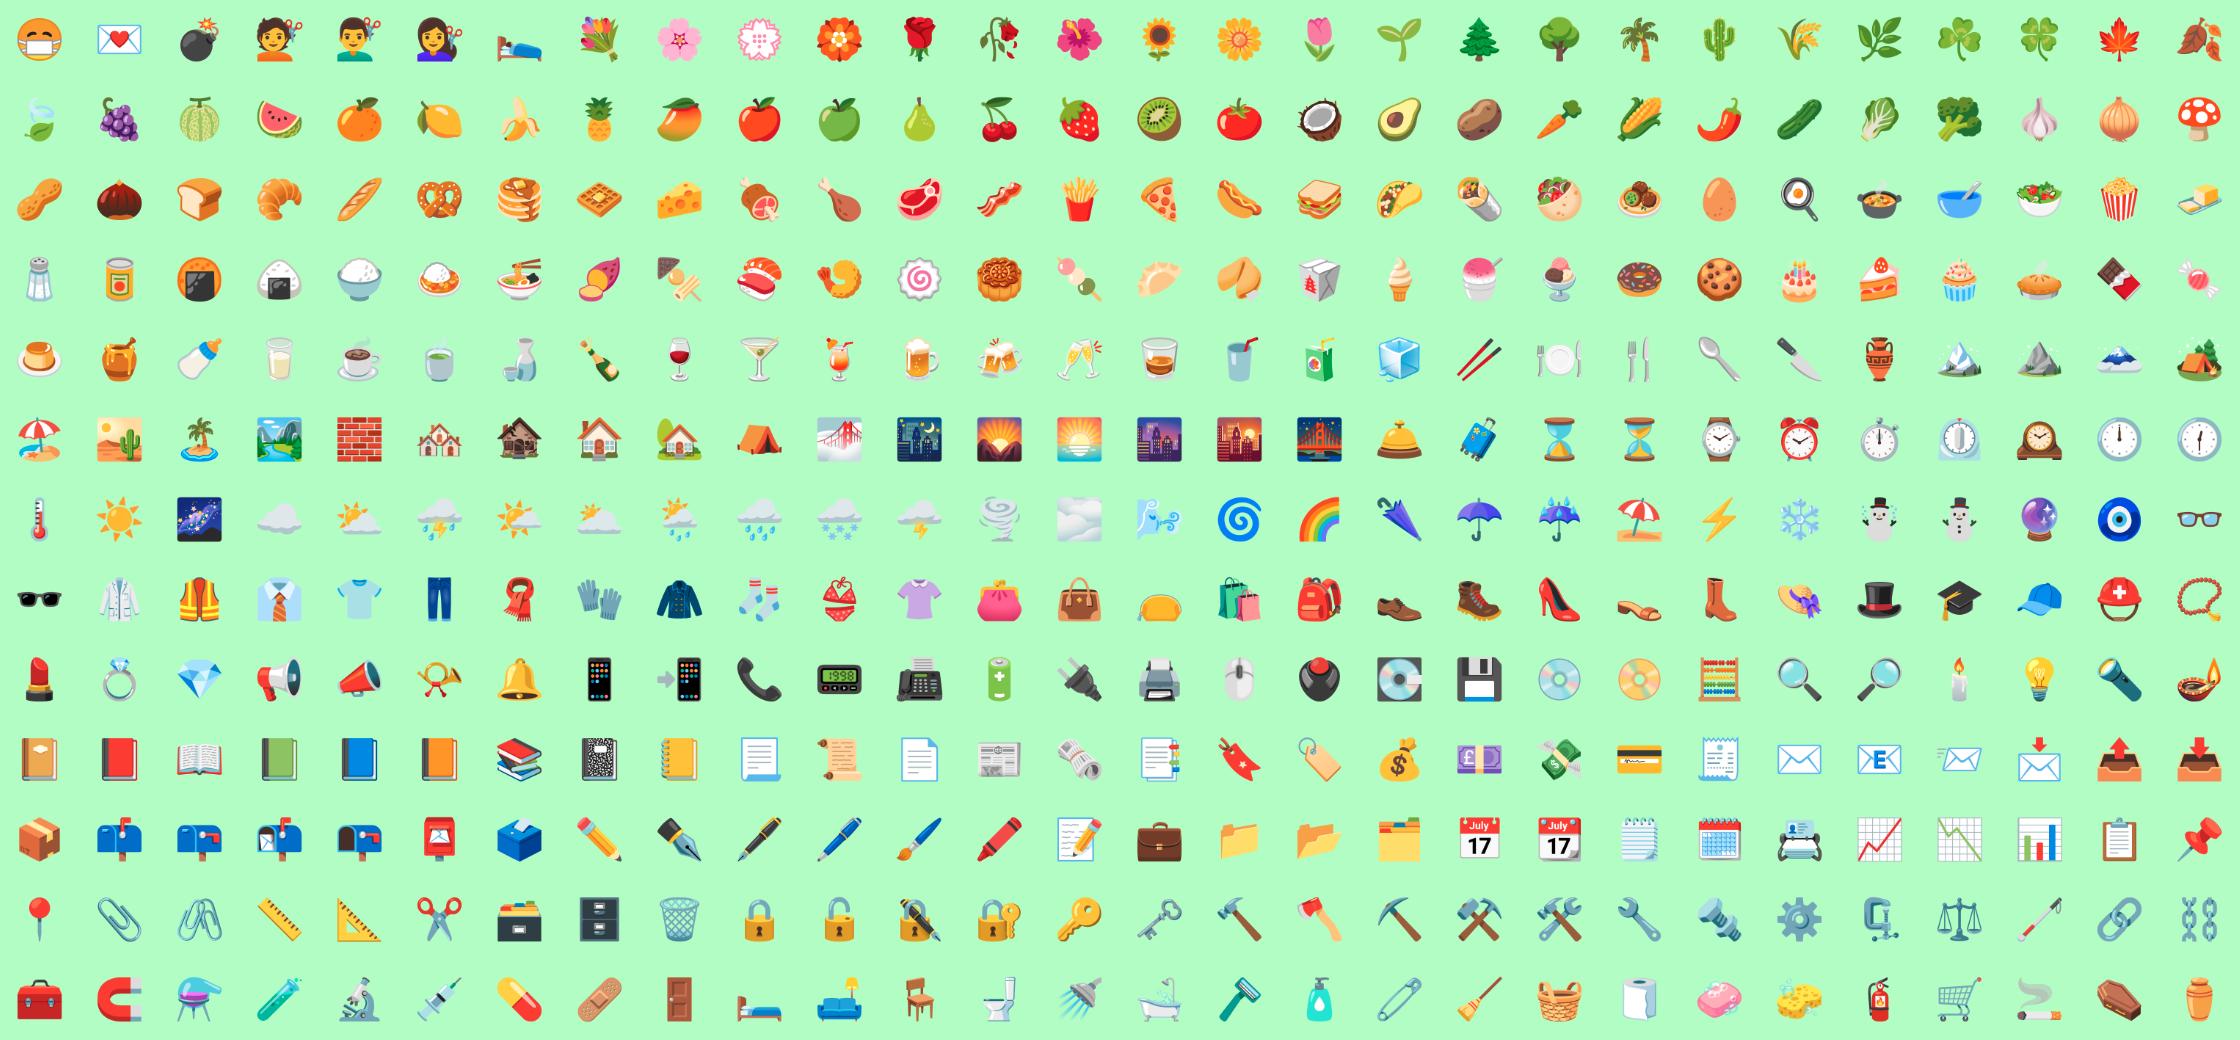 Kaikki Android 12:n ensimmäisessä Betassa uudistuneet emojit. Kuva: Emojigraph.